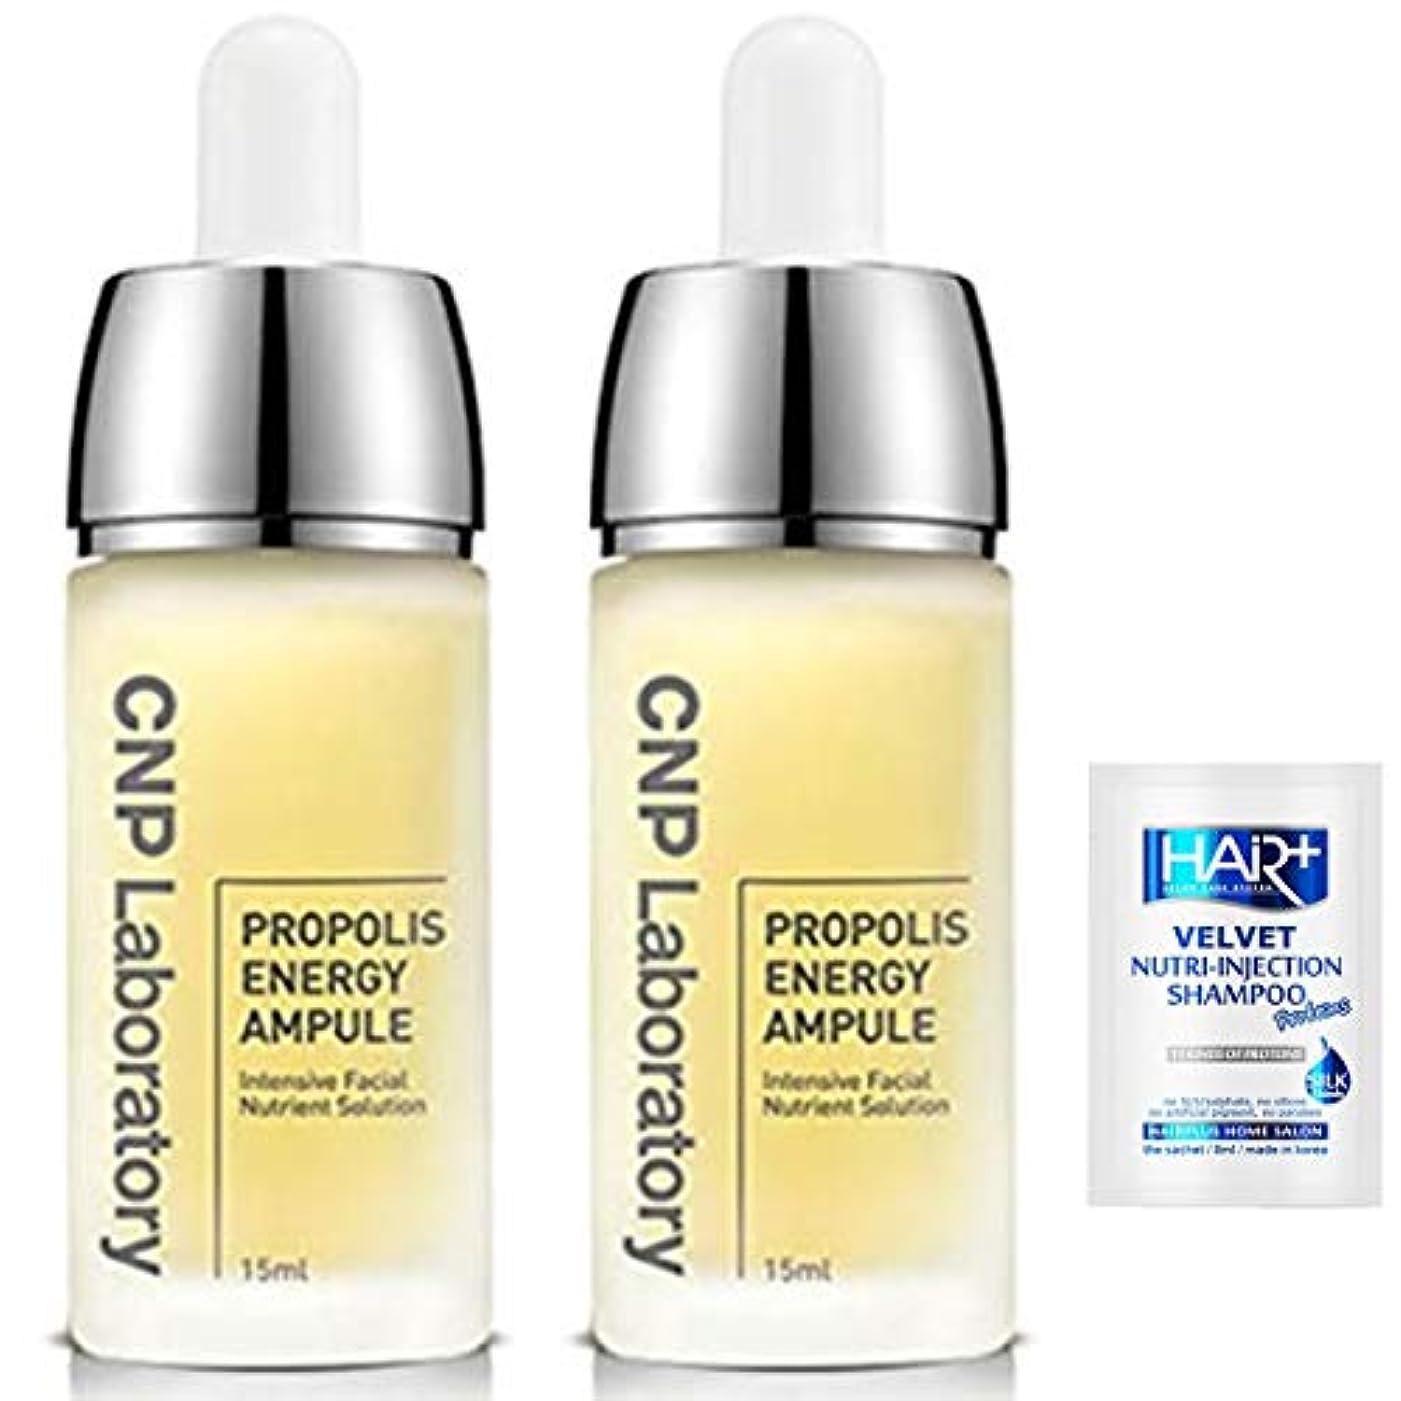 ヒステリック土地認める【CNP Laboratory】プロポリス エネルギーアンプル 15ml X 2EA+HairPlus NonSilicon Shampoo 8ml